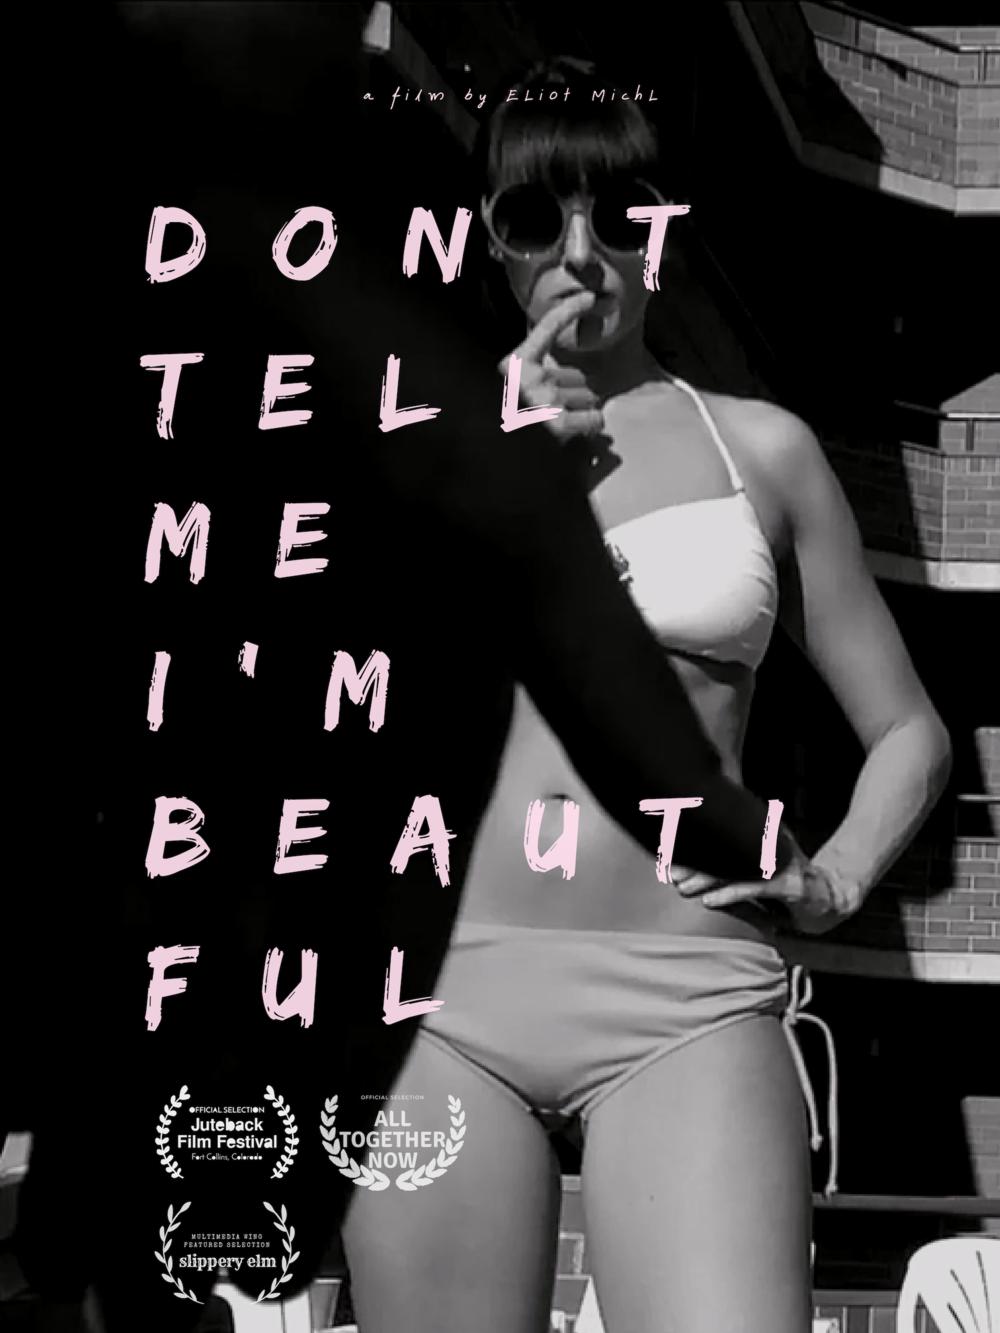 DTMI Beautiful_Poster.png